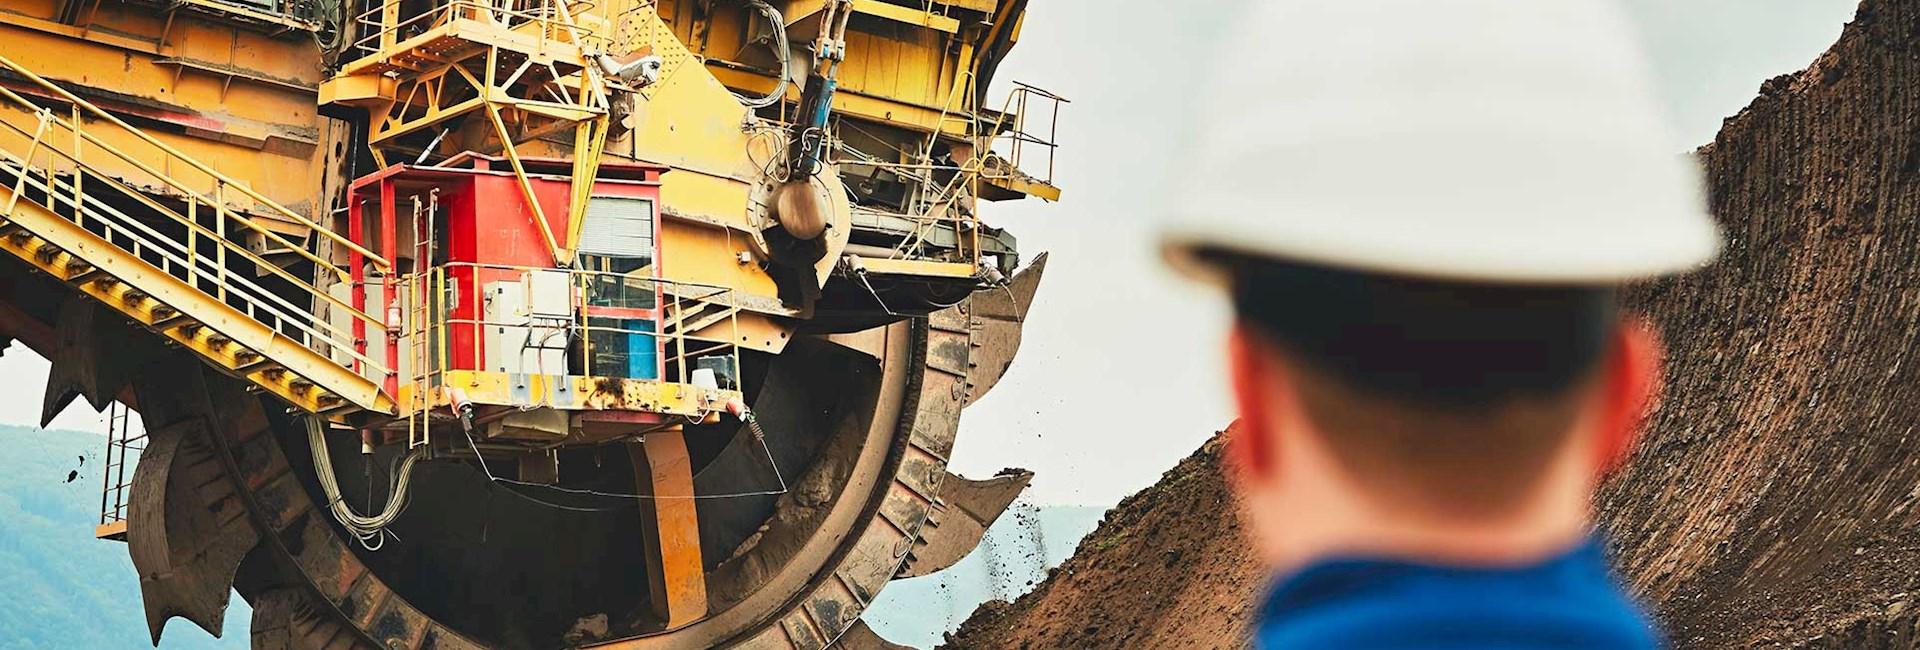 Open pit bucket-wheel excavator